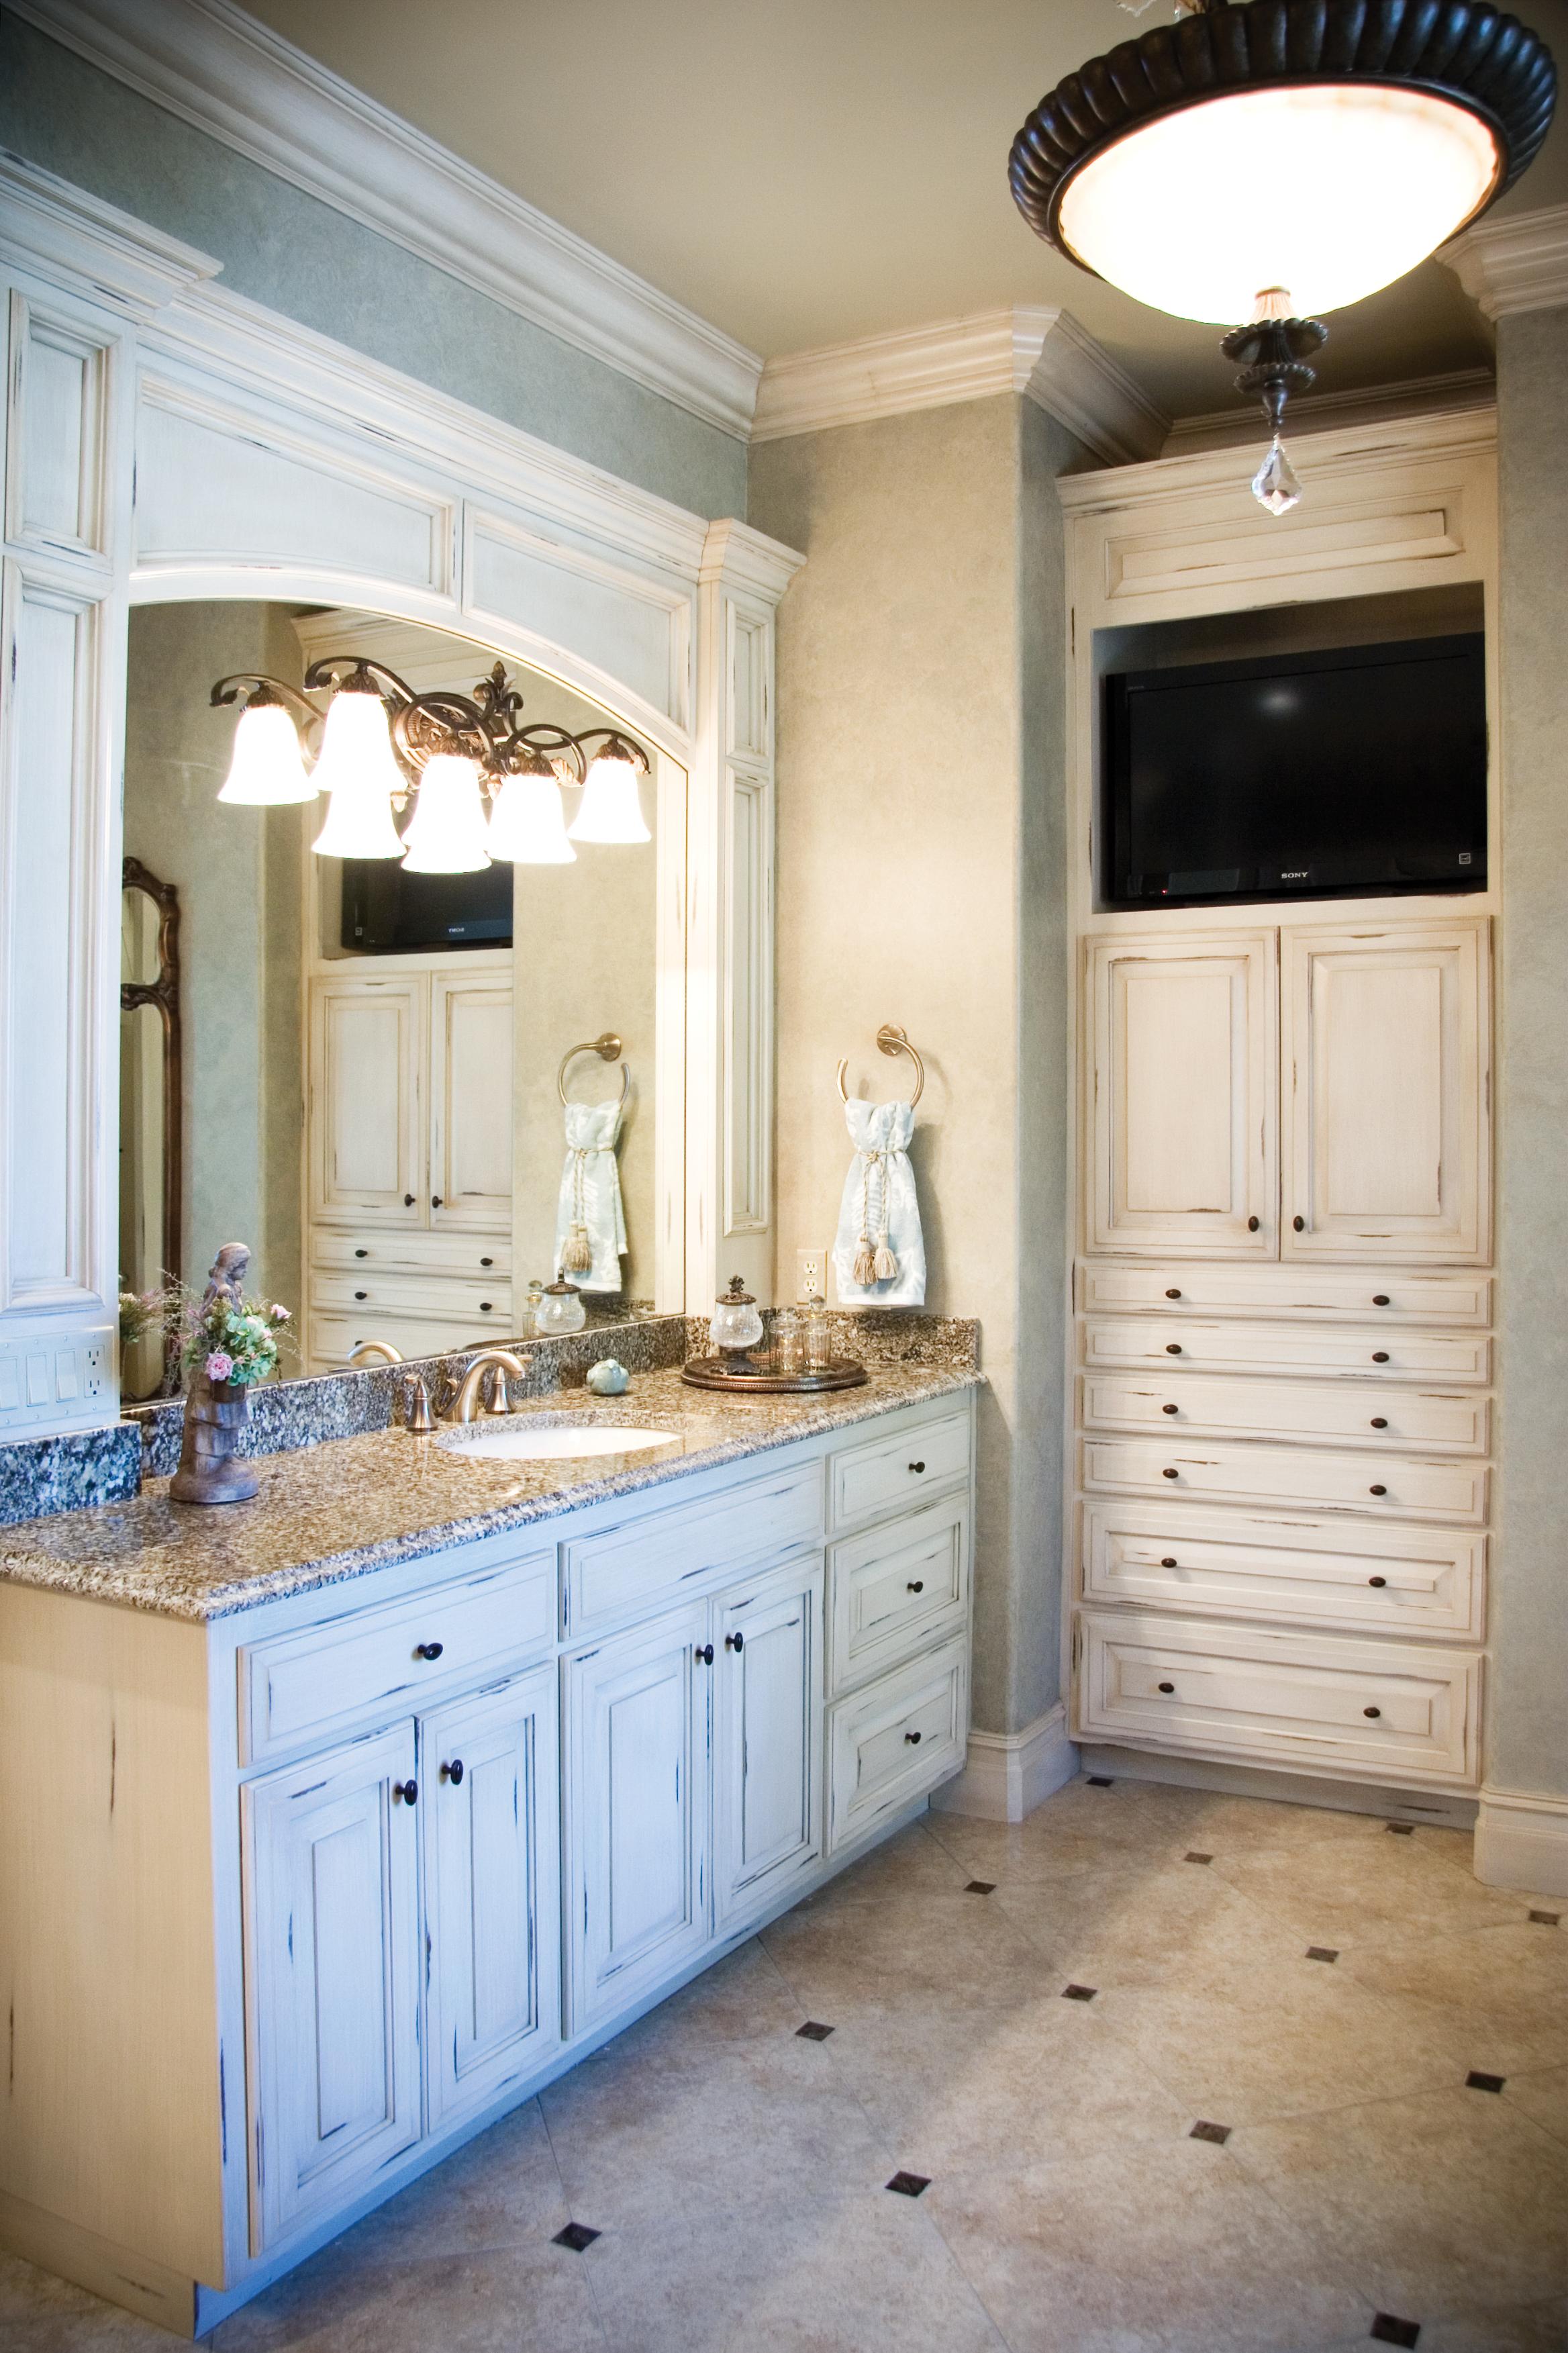 bath vanity6079.jpg